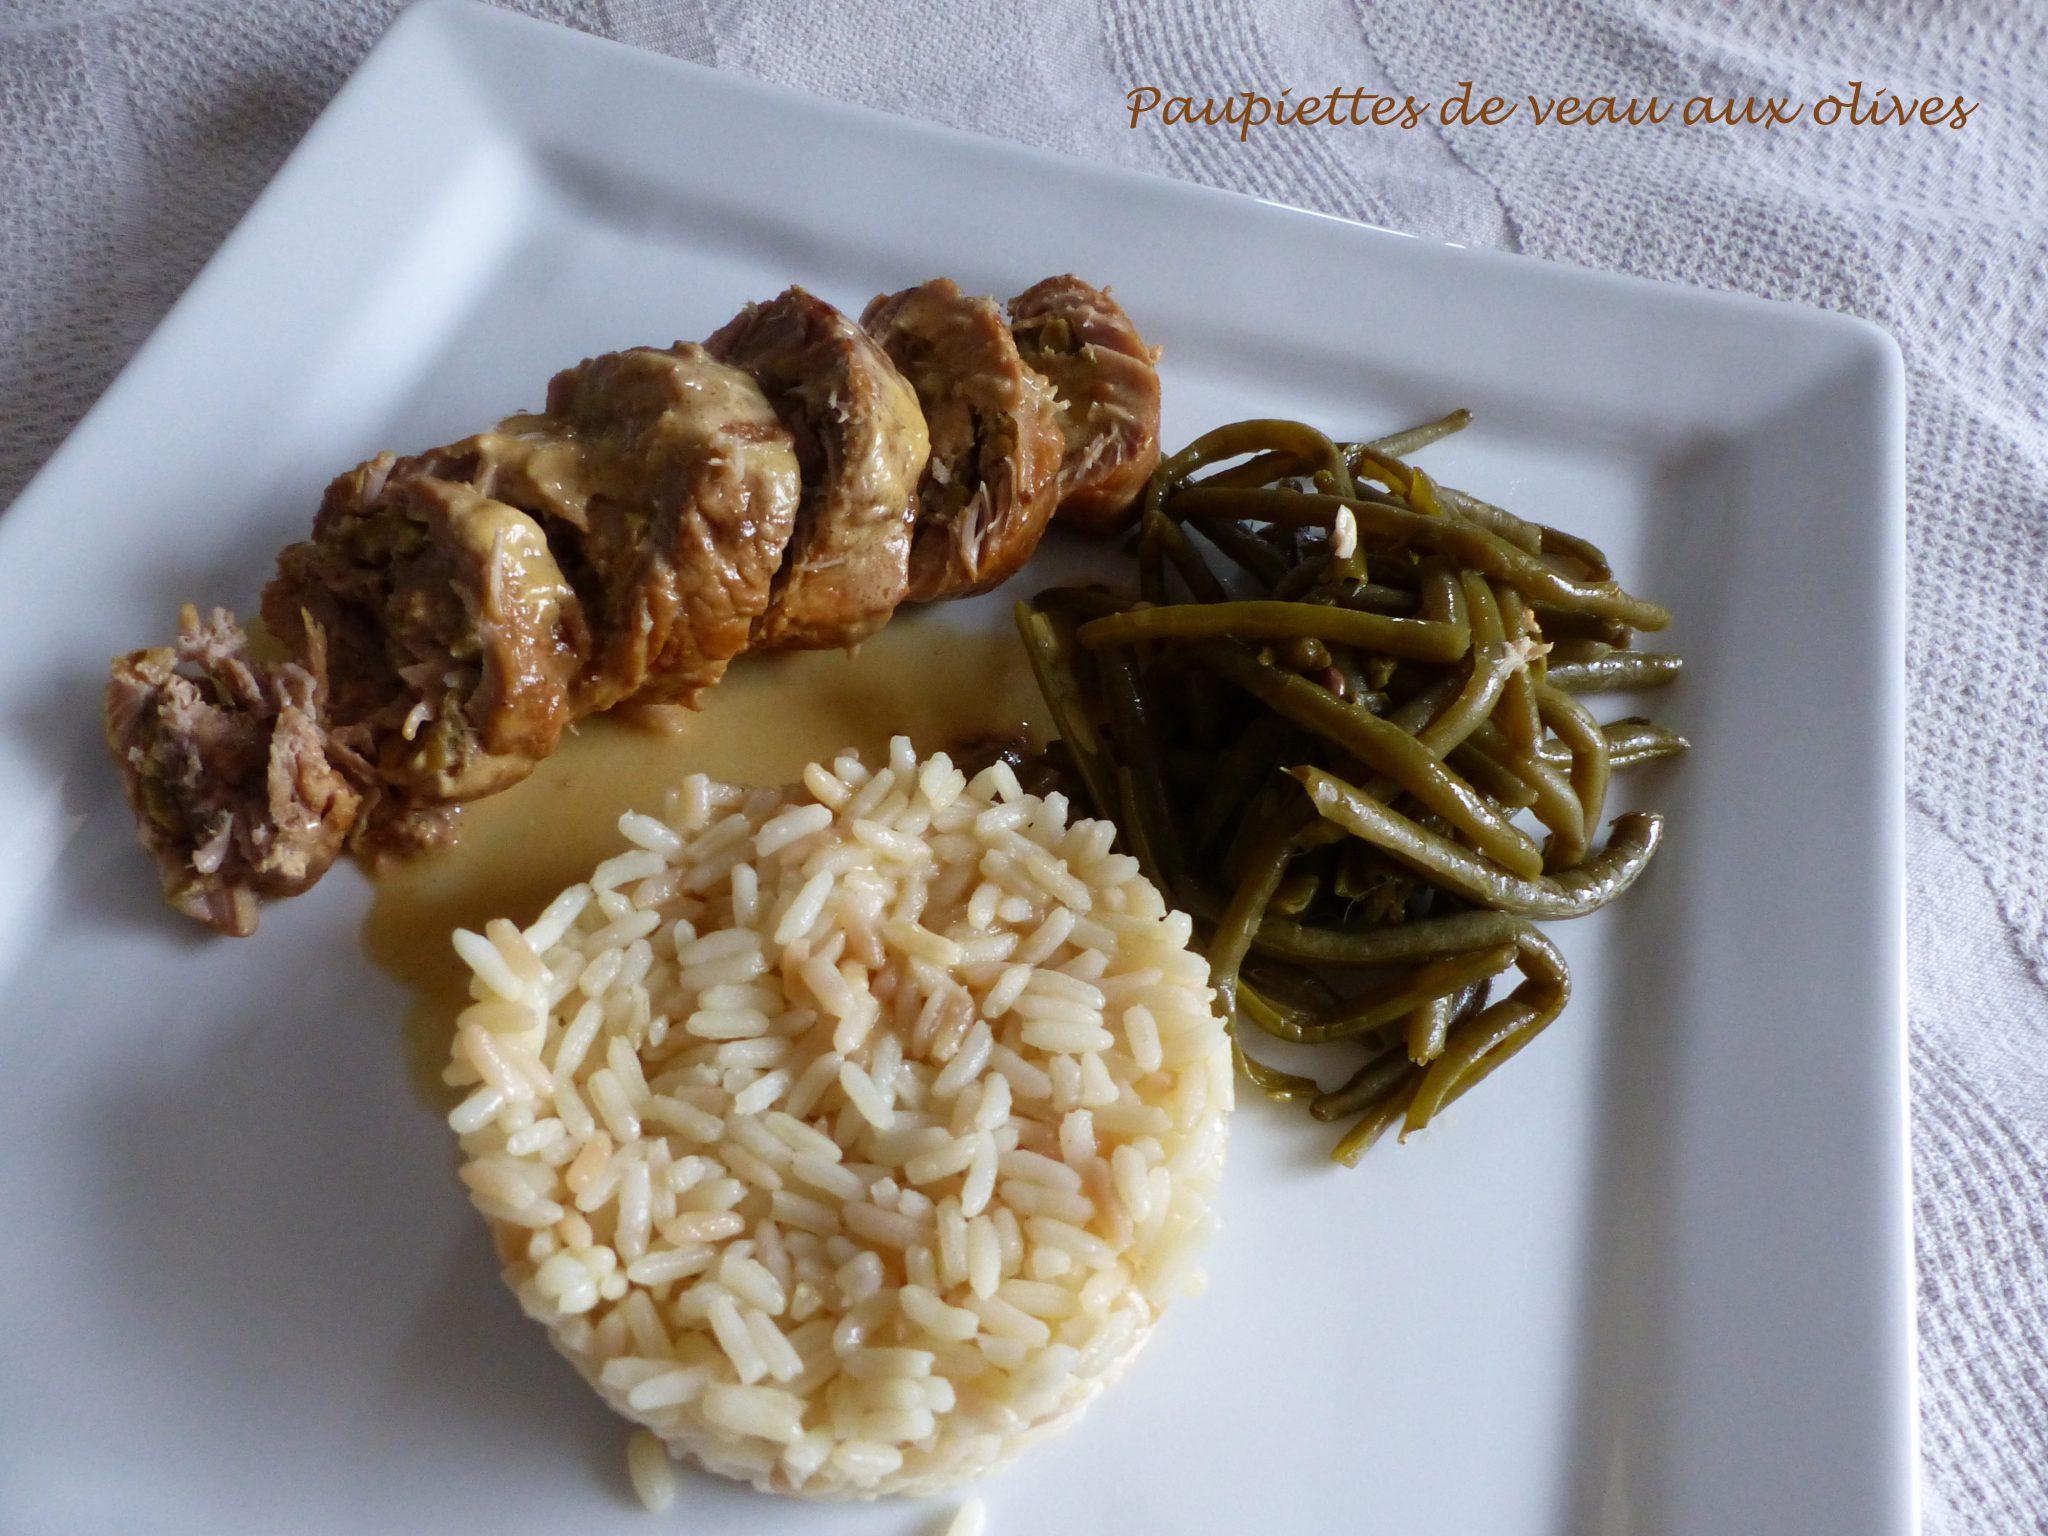 Paupiettes de veau aux olives P1080136 R